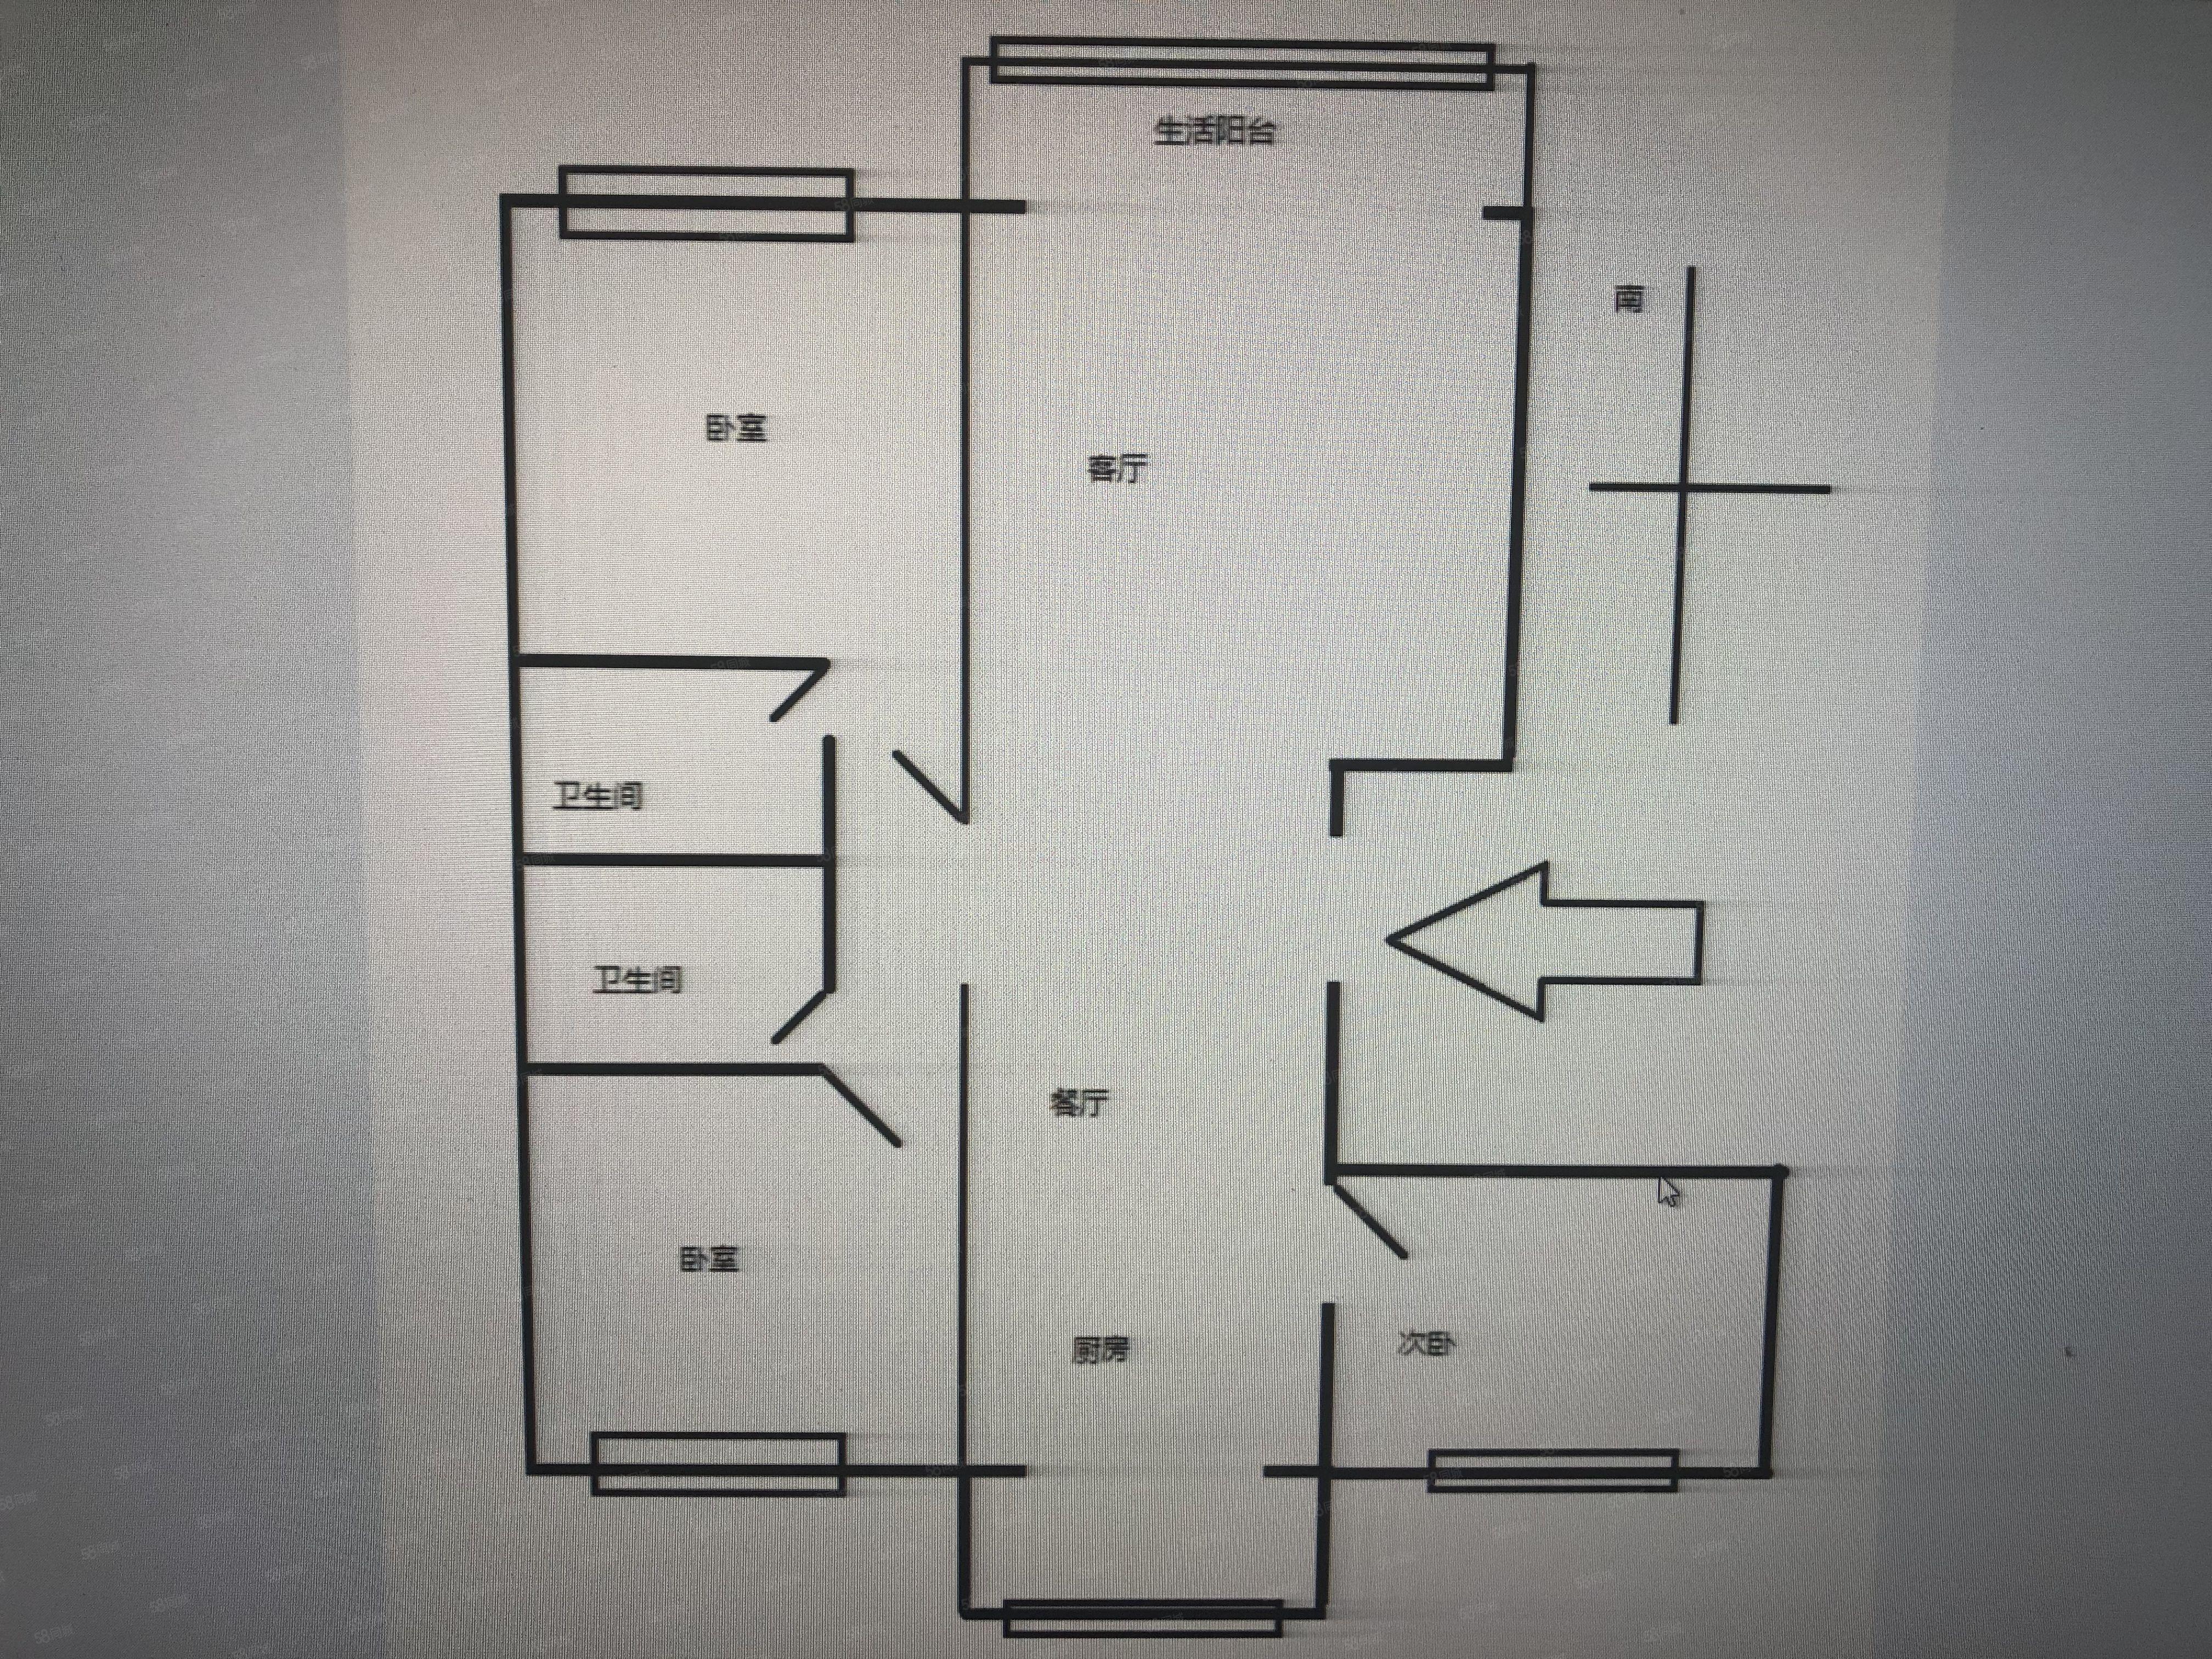 悅鑫花苑3室2廳2衛毛肧房中層可按揭貸款急售鑰匙房